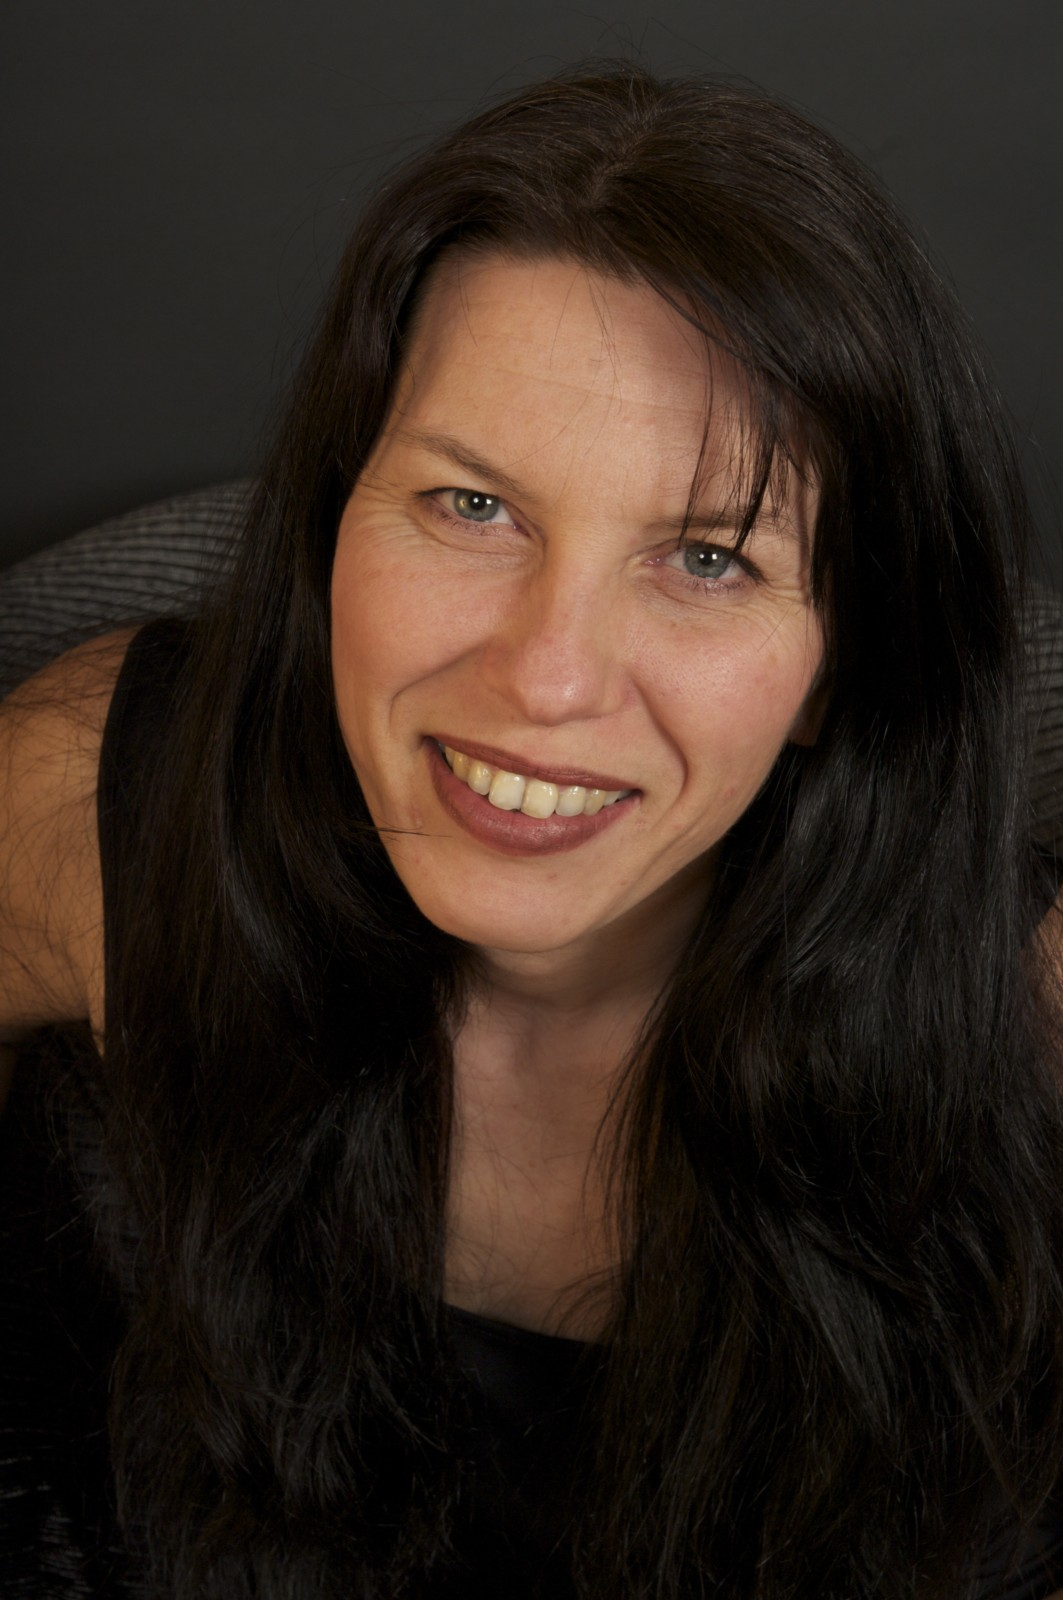 Portrait, 2010